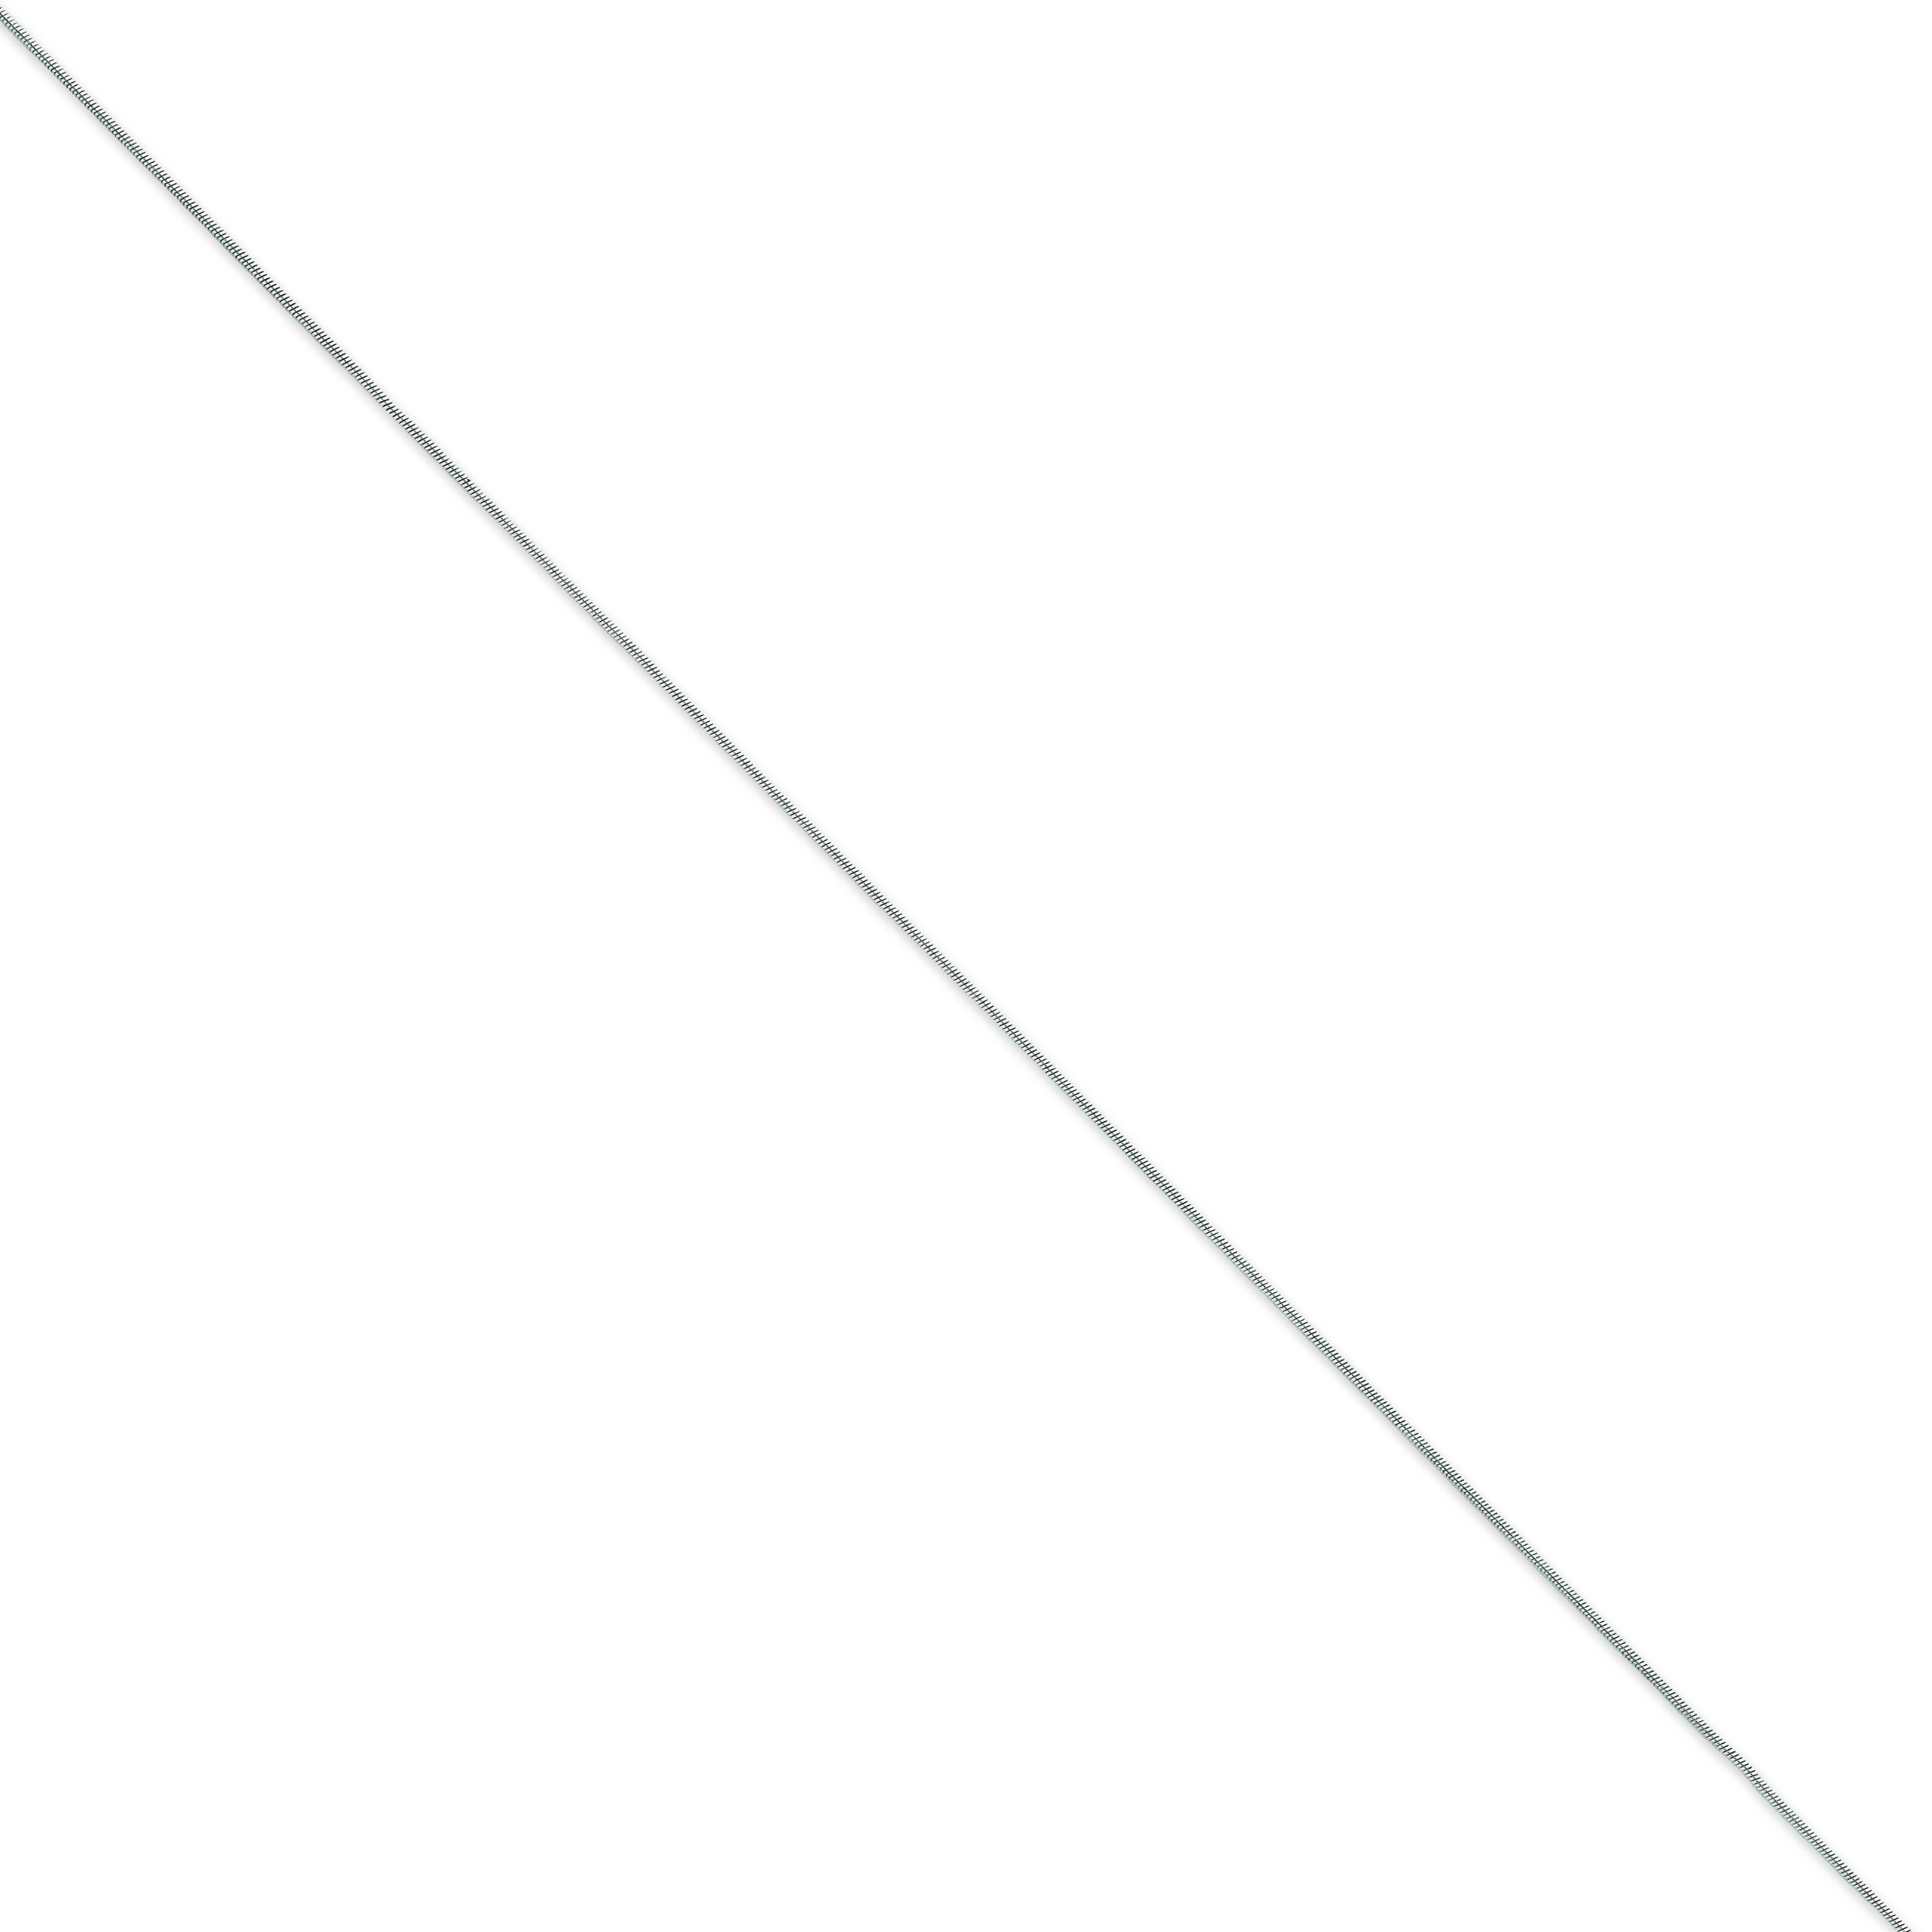 14k White Gold 10 inch 0.80 mm Snake Ankle Bracelet